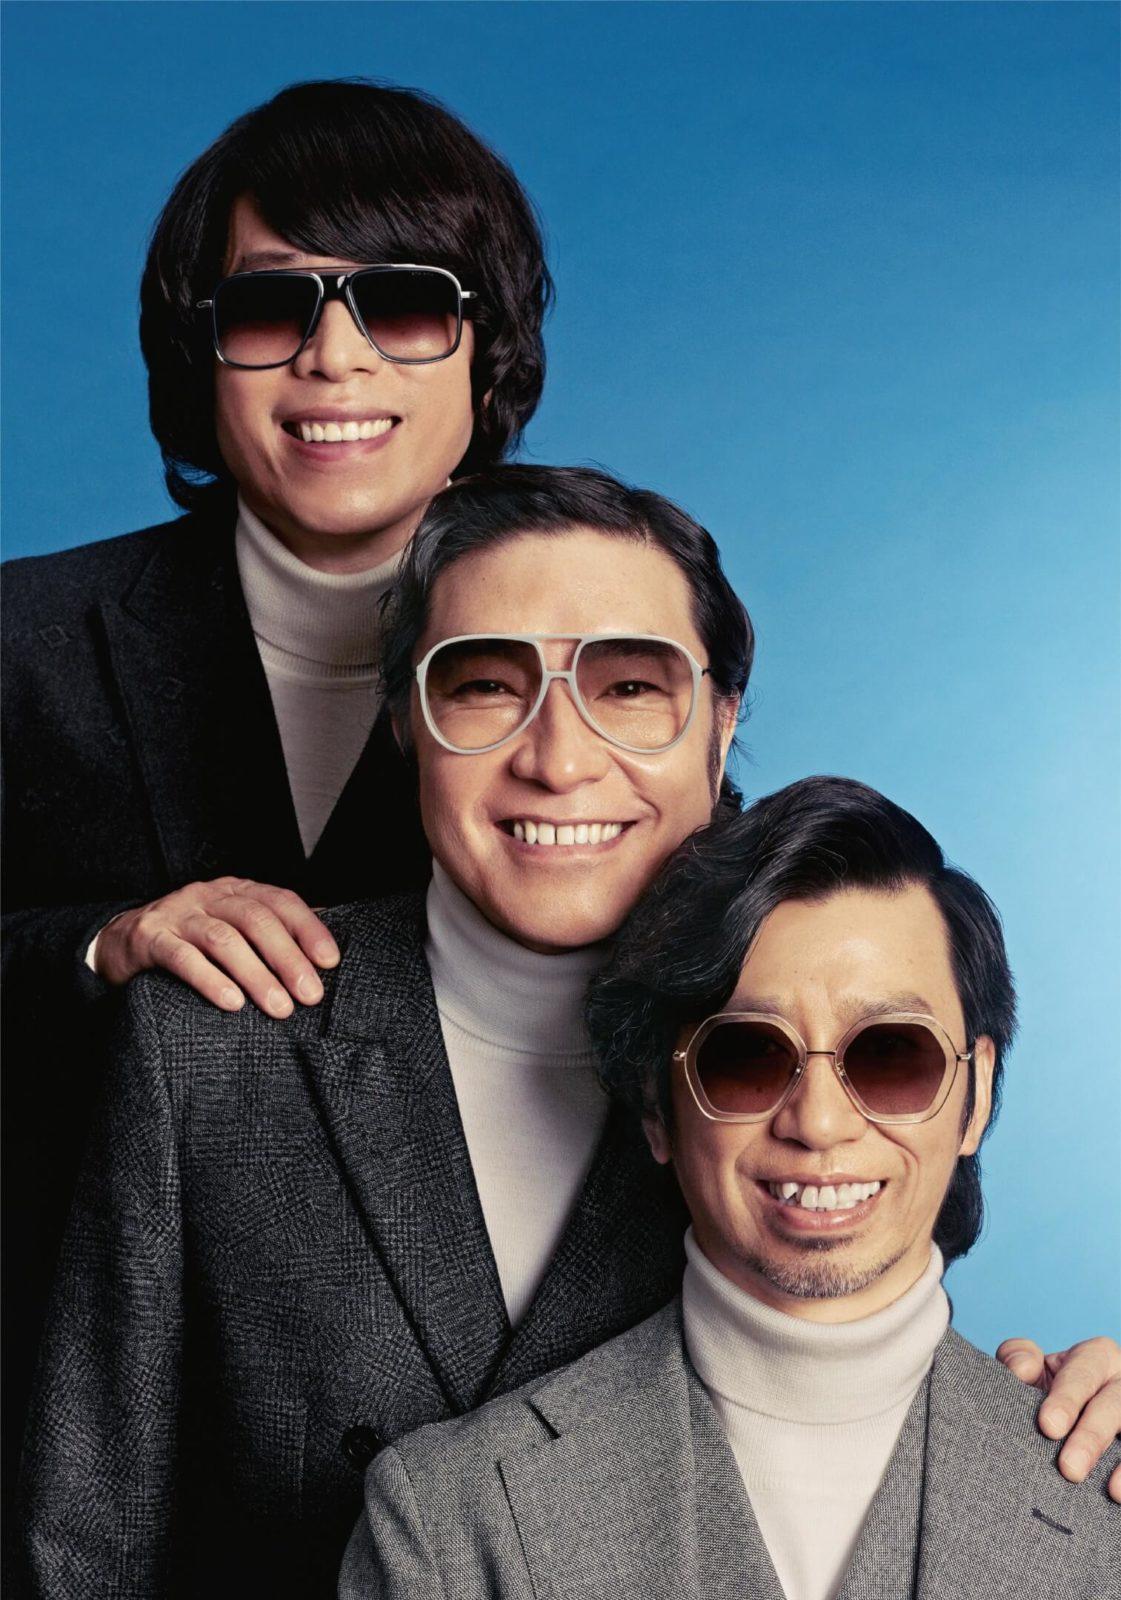 ウルフルズ、ワンマンツアータイトルと桜井秀俊(真心ブラザーズ)のサポート出演が決定サムネイル画像